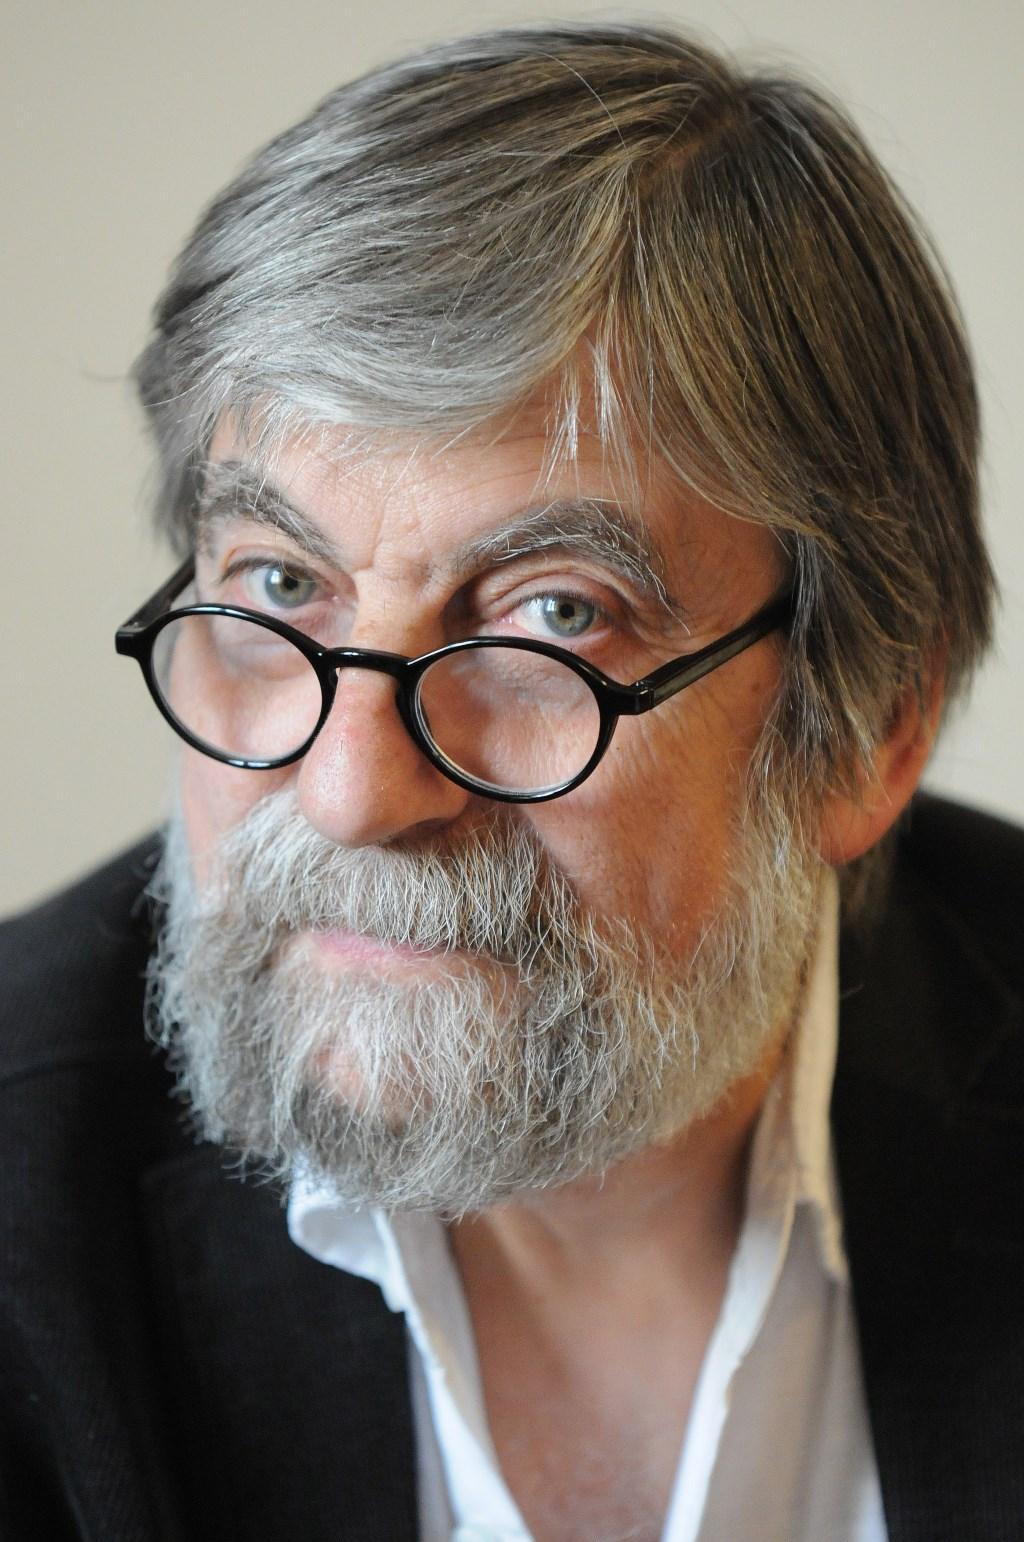 Patrick Penot directeur du Théâtre des Cléstins à Lyon le 17 septembre 2013  © Christian Ganet